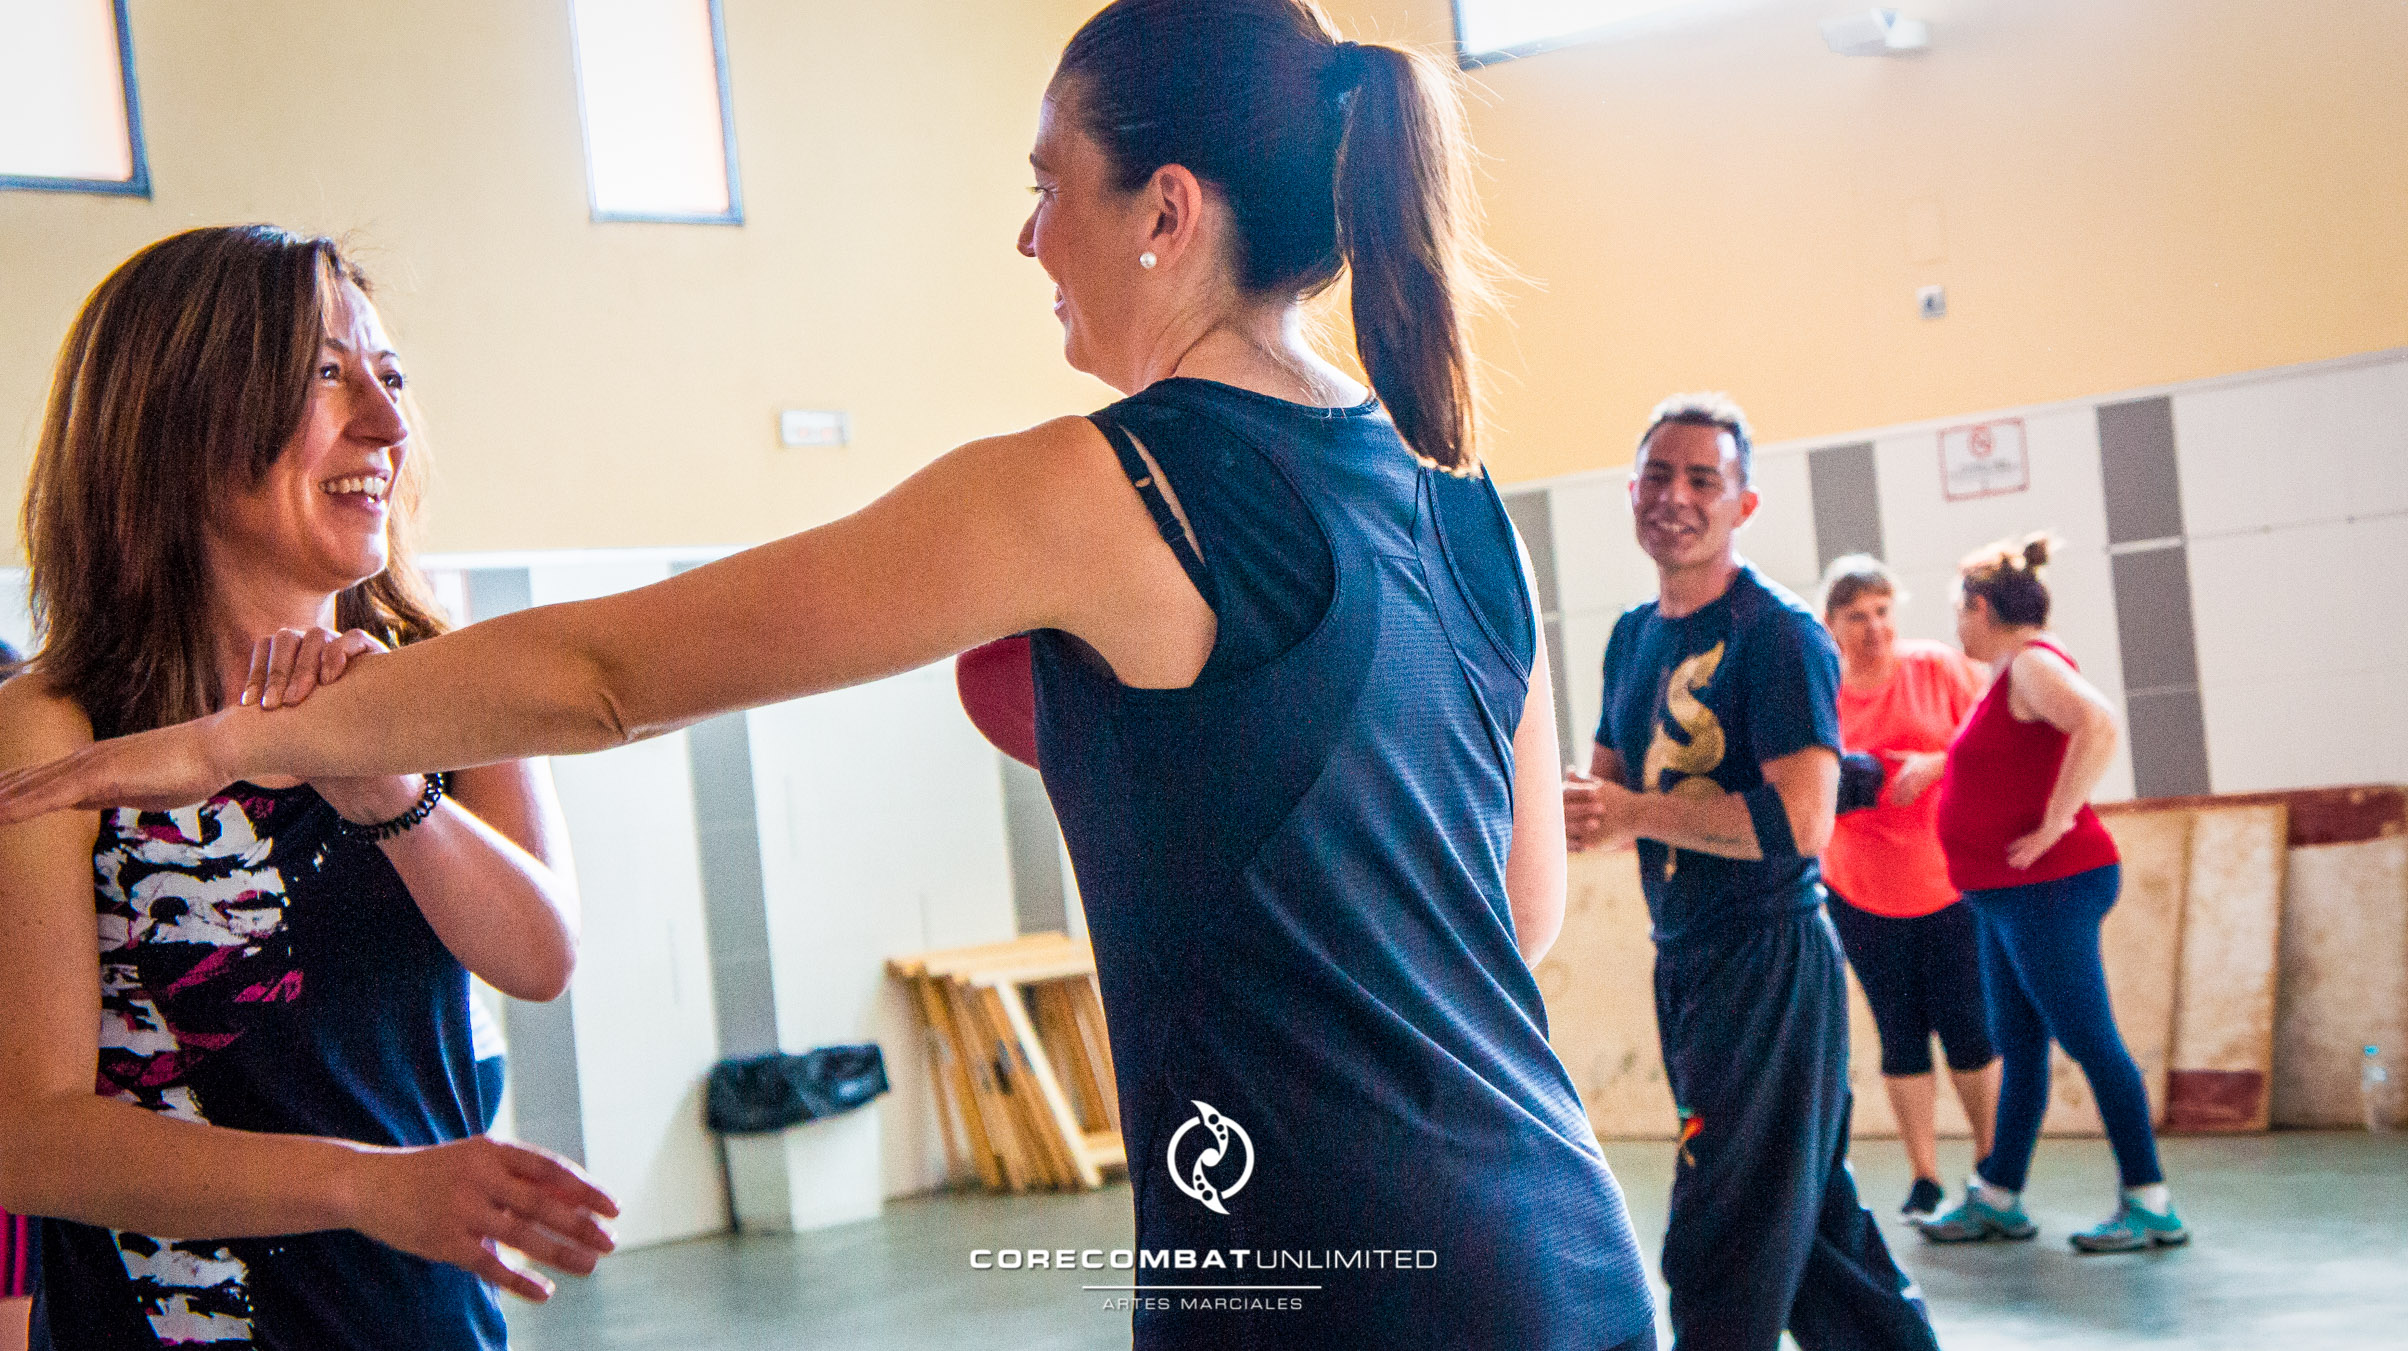 curso-defensa-personal-para-mujeres-zamora-coreses-artes-marciales-zamora-core-combat-salamanca-valladolid-leon-madrid-23